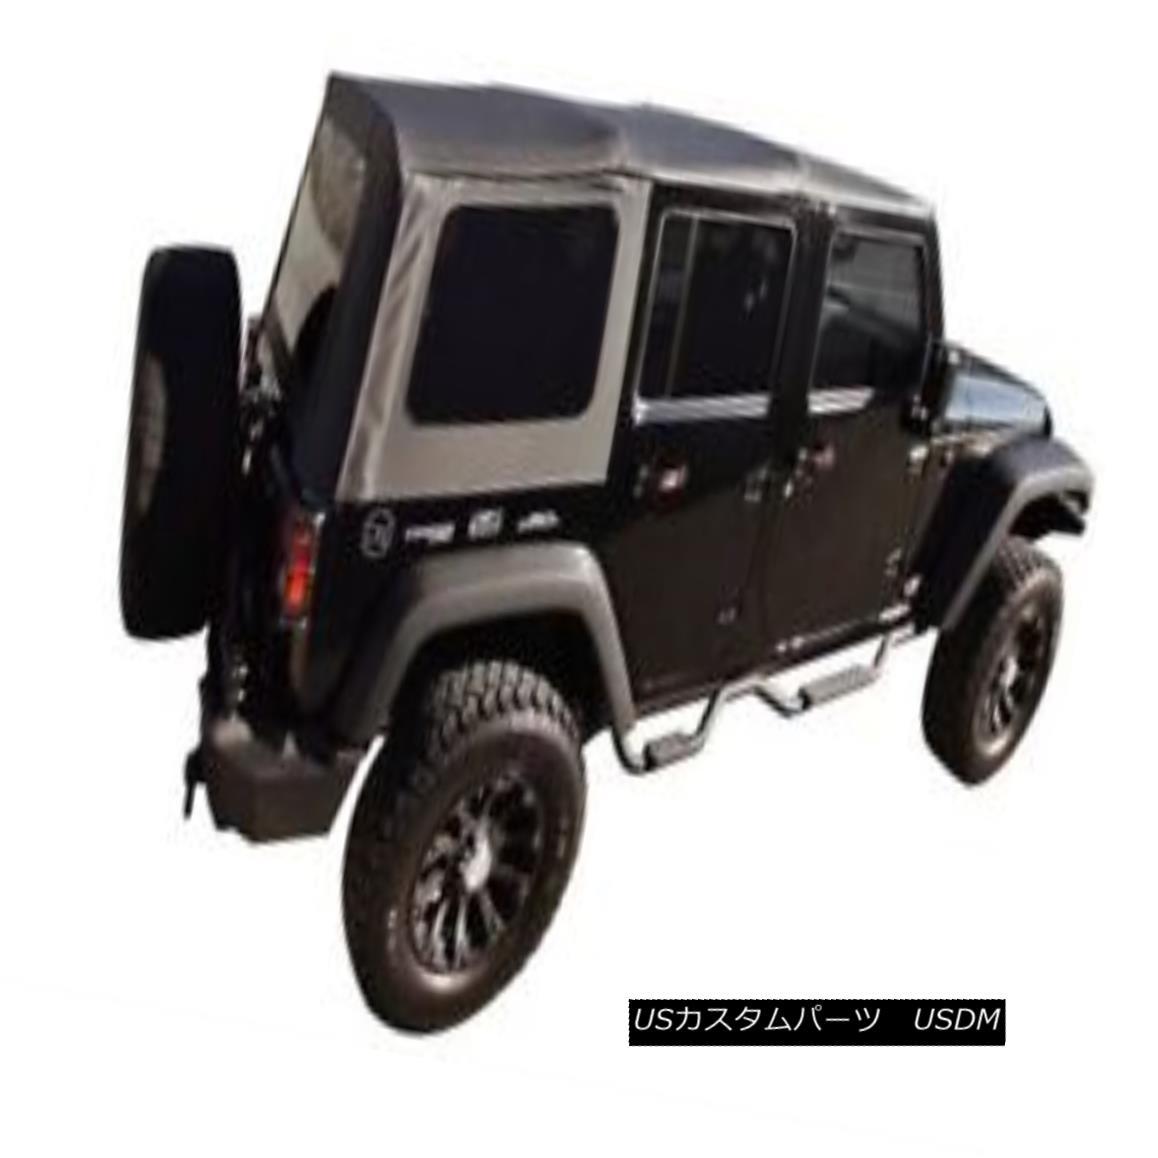 幌・ソフトトップ Rampage - Black Diamond OE Soft Top-99835 ランペイジ - ブラックダイヤモンドOEソフトトップ99835